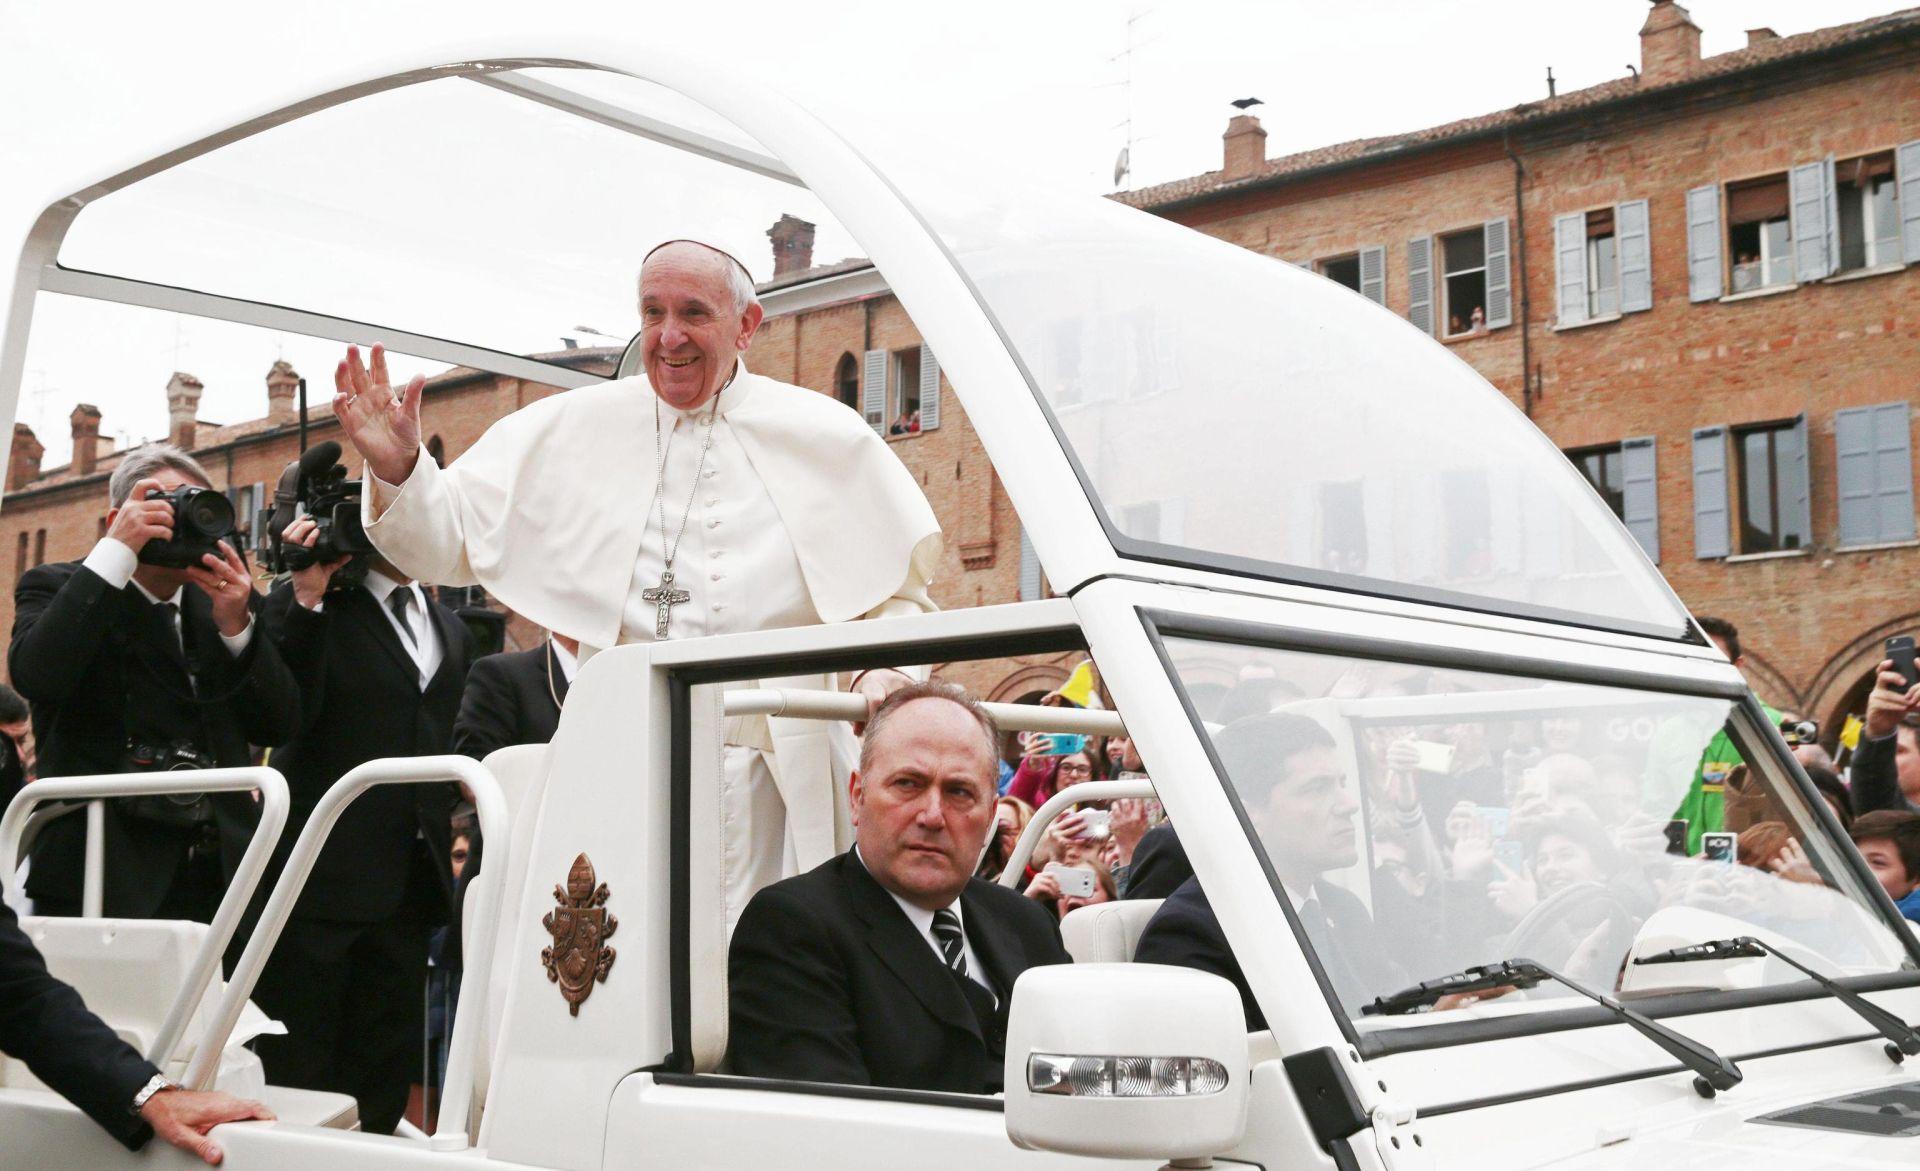 Papa u sjevernoj Italiji obnovljenoj nakon potresa 2012.